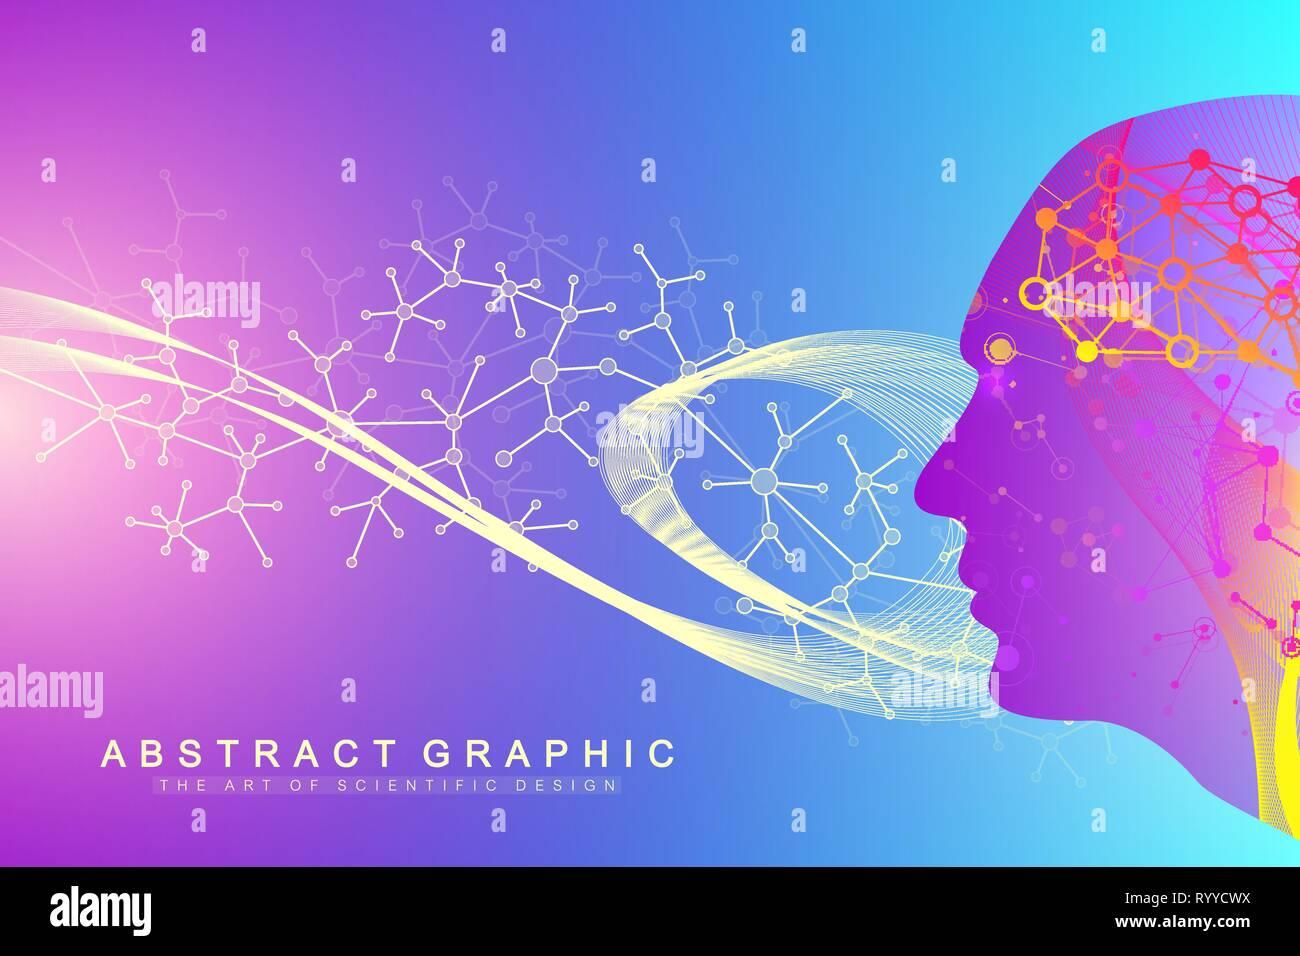 Vector illustration scientifique le génie génétique et la manipulation des gènes concept. L'hélice de l'ADN, ADN, molécule ou atome, les neurones. Structure abstraite Illustration de Vecteur